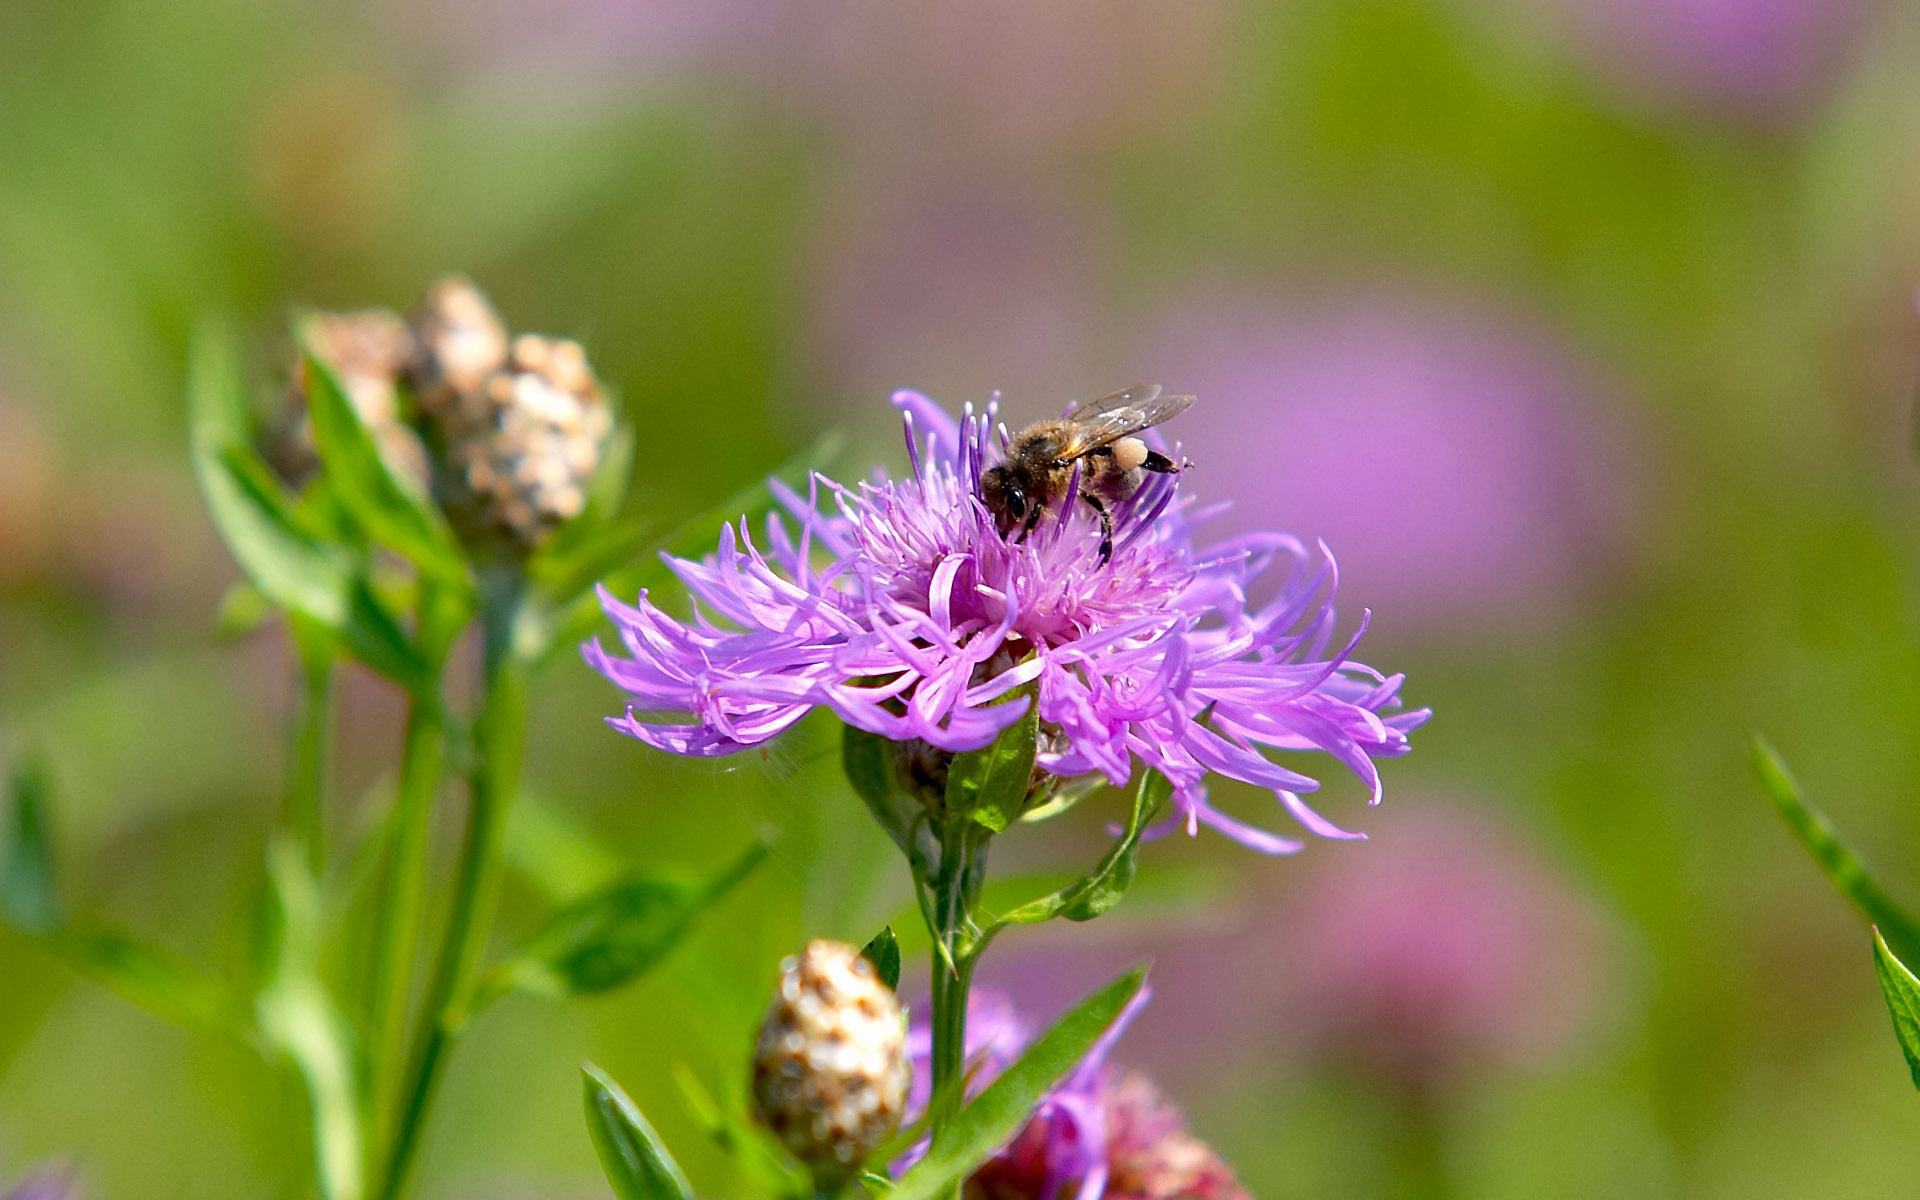 ... обои Пчела в сиреневом цветке 1920x1200: hq-oboi.ru/wall/pchela_v_sirenevom_cvetke_1920x1200